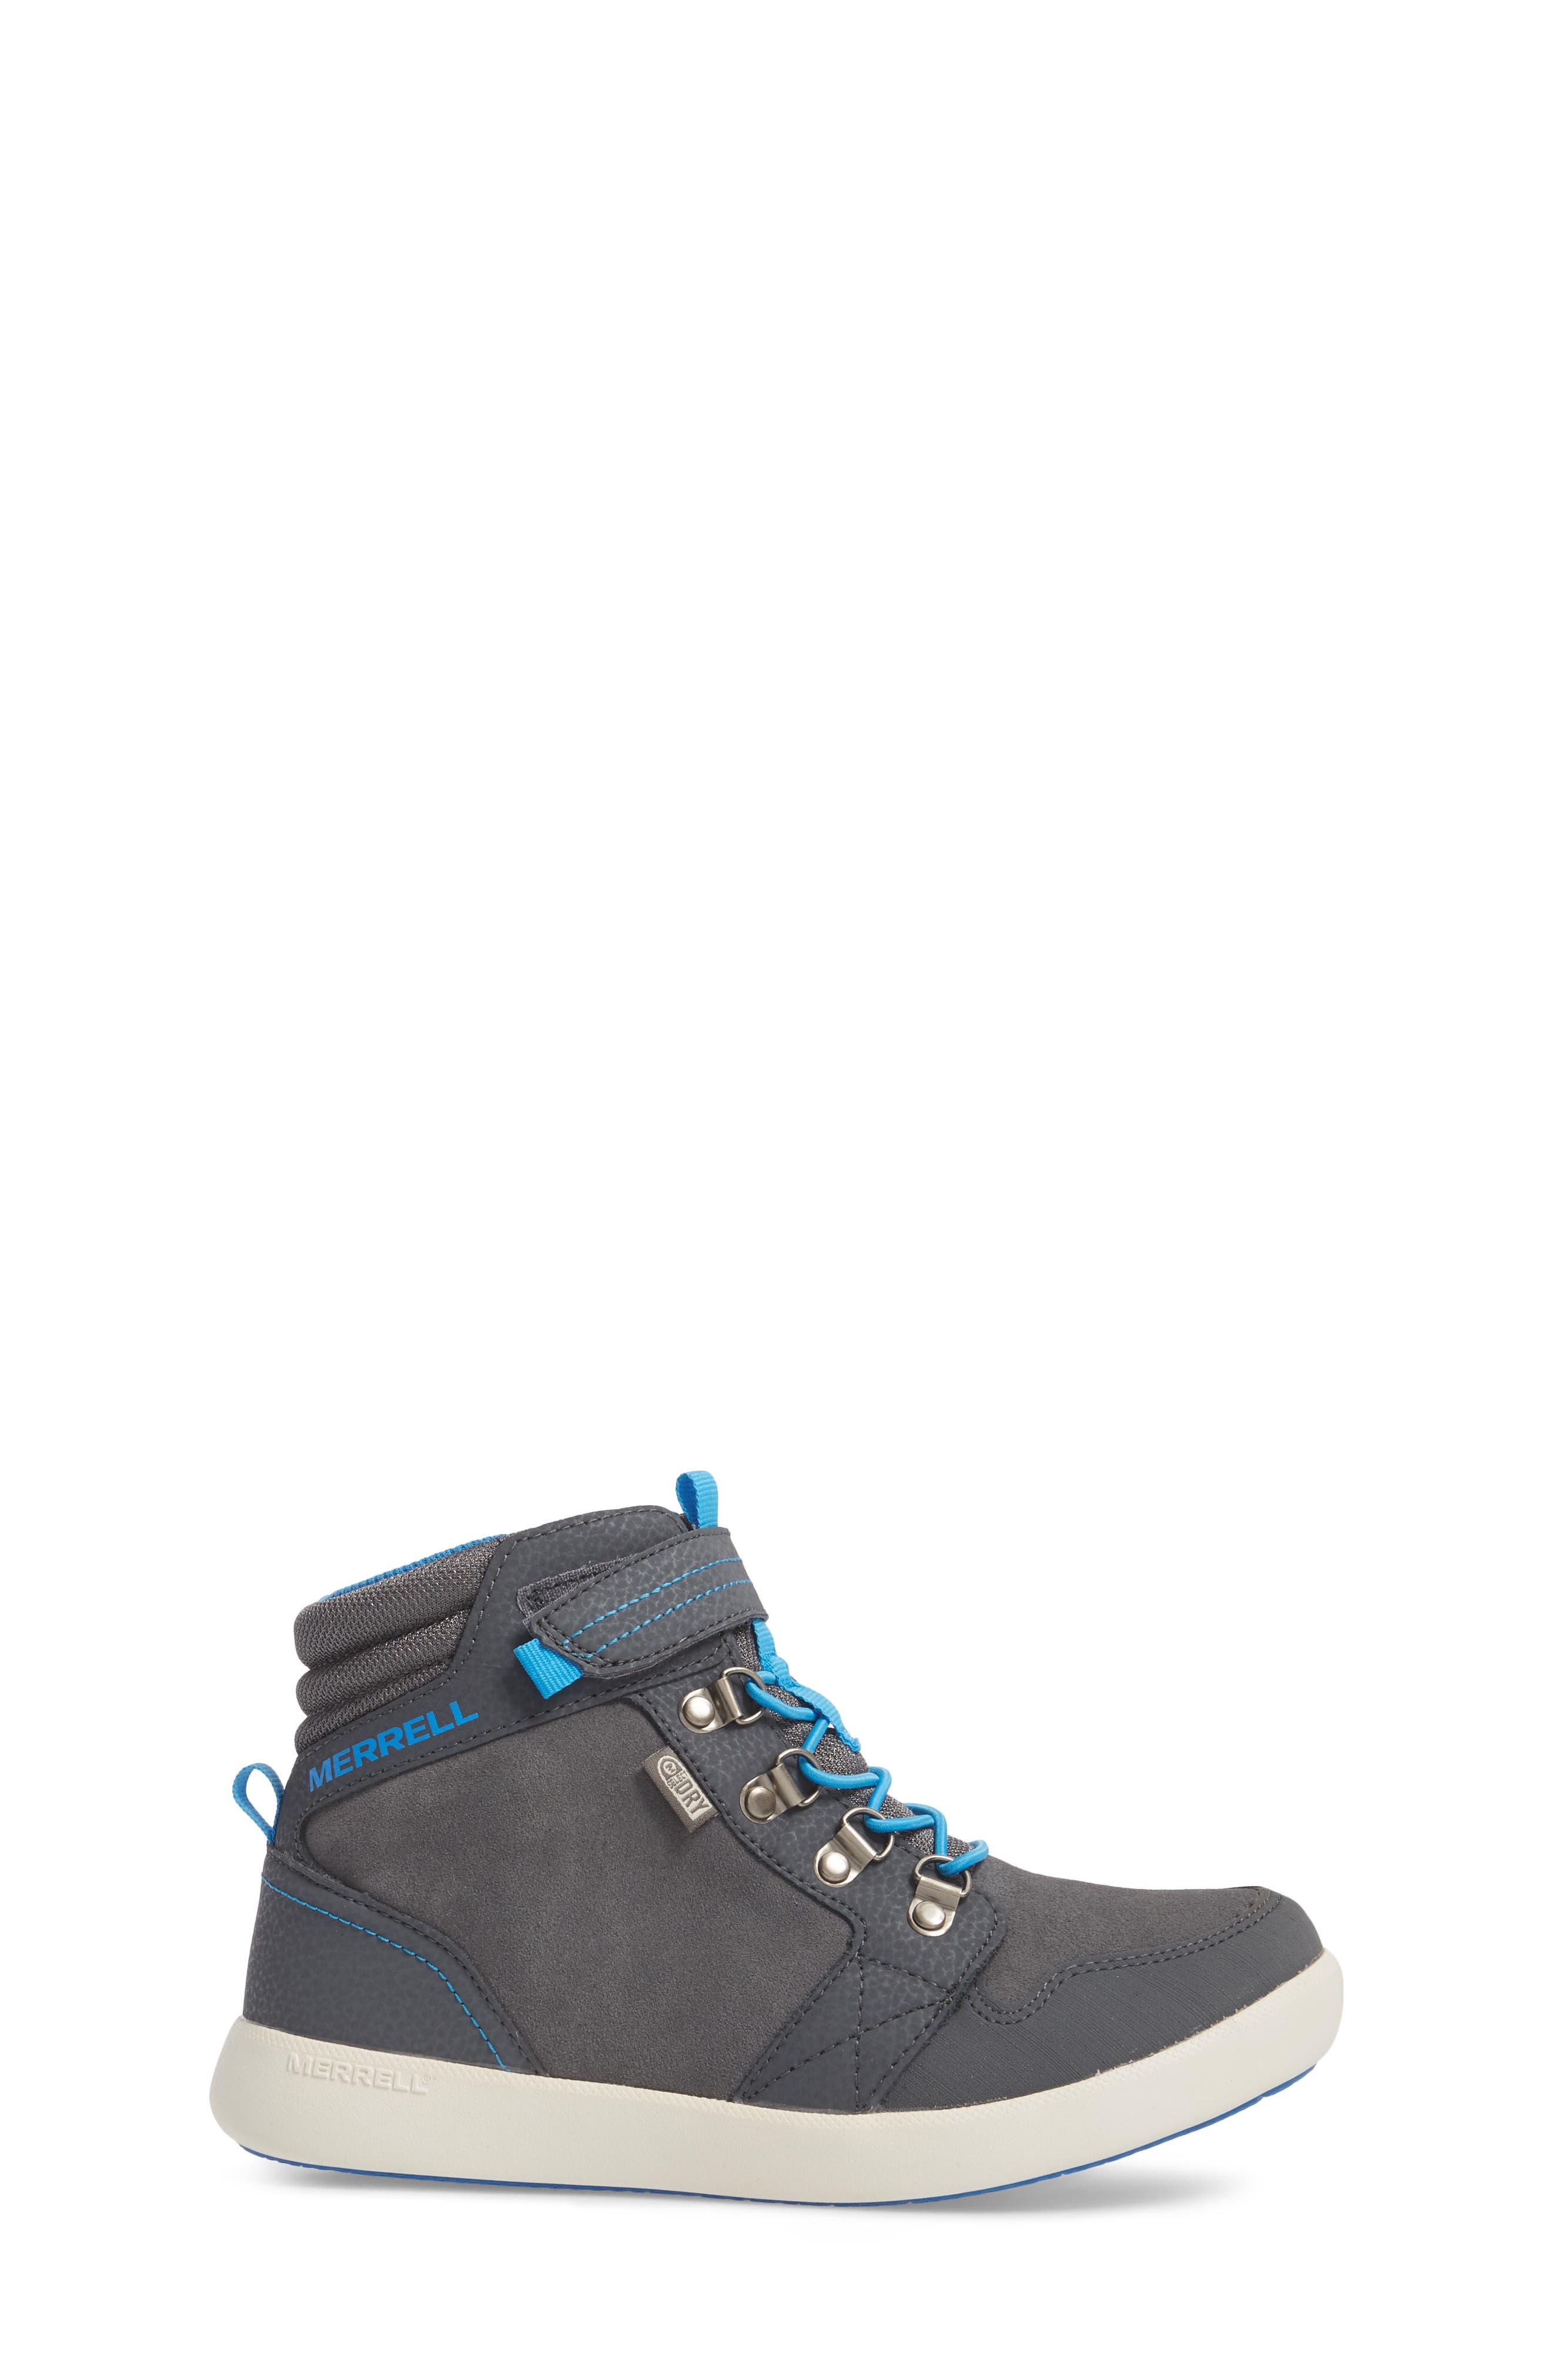 Freewheel Mid Top Waterproof Sneaker Boot,                             Alternate thumbnail 3, color,                             Grey